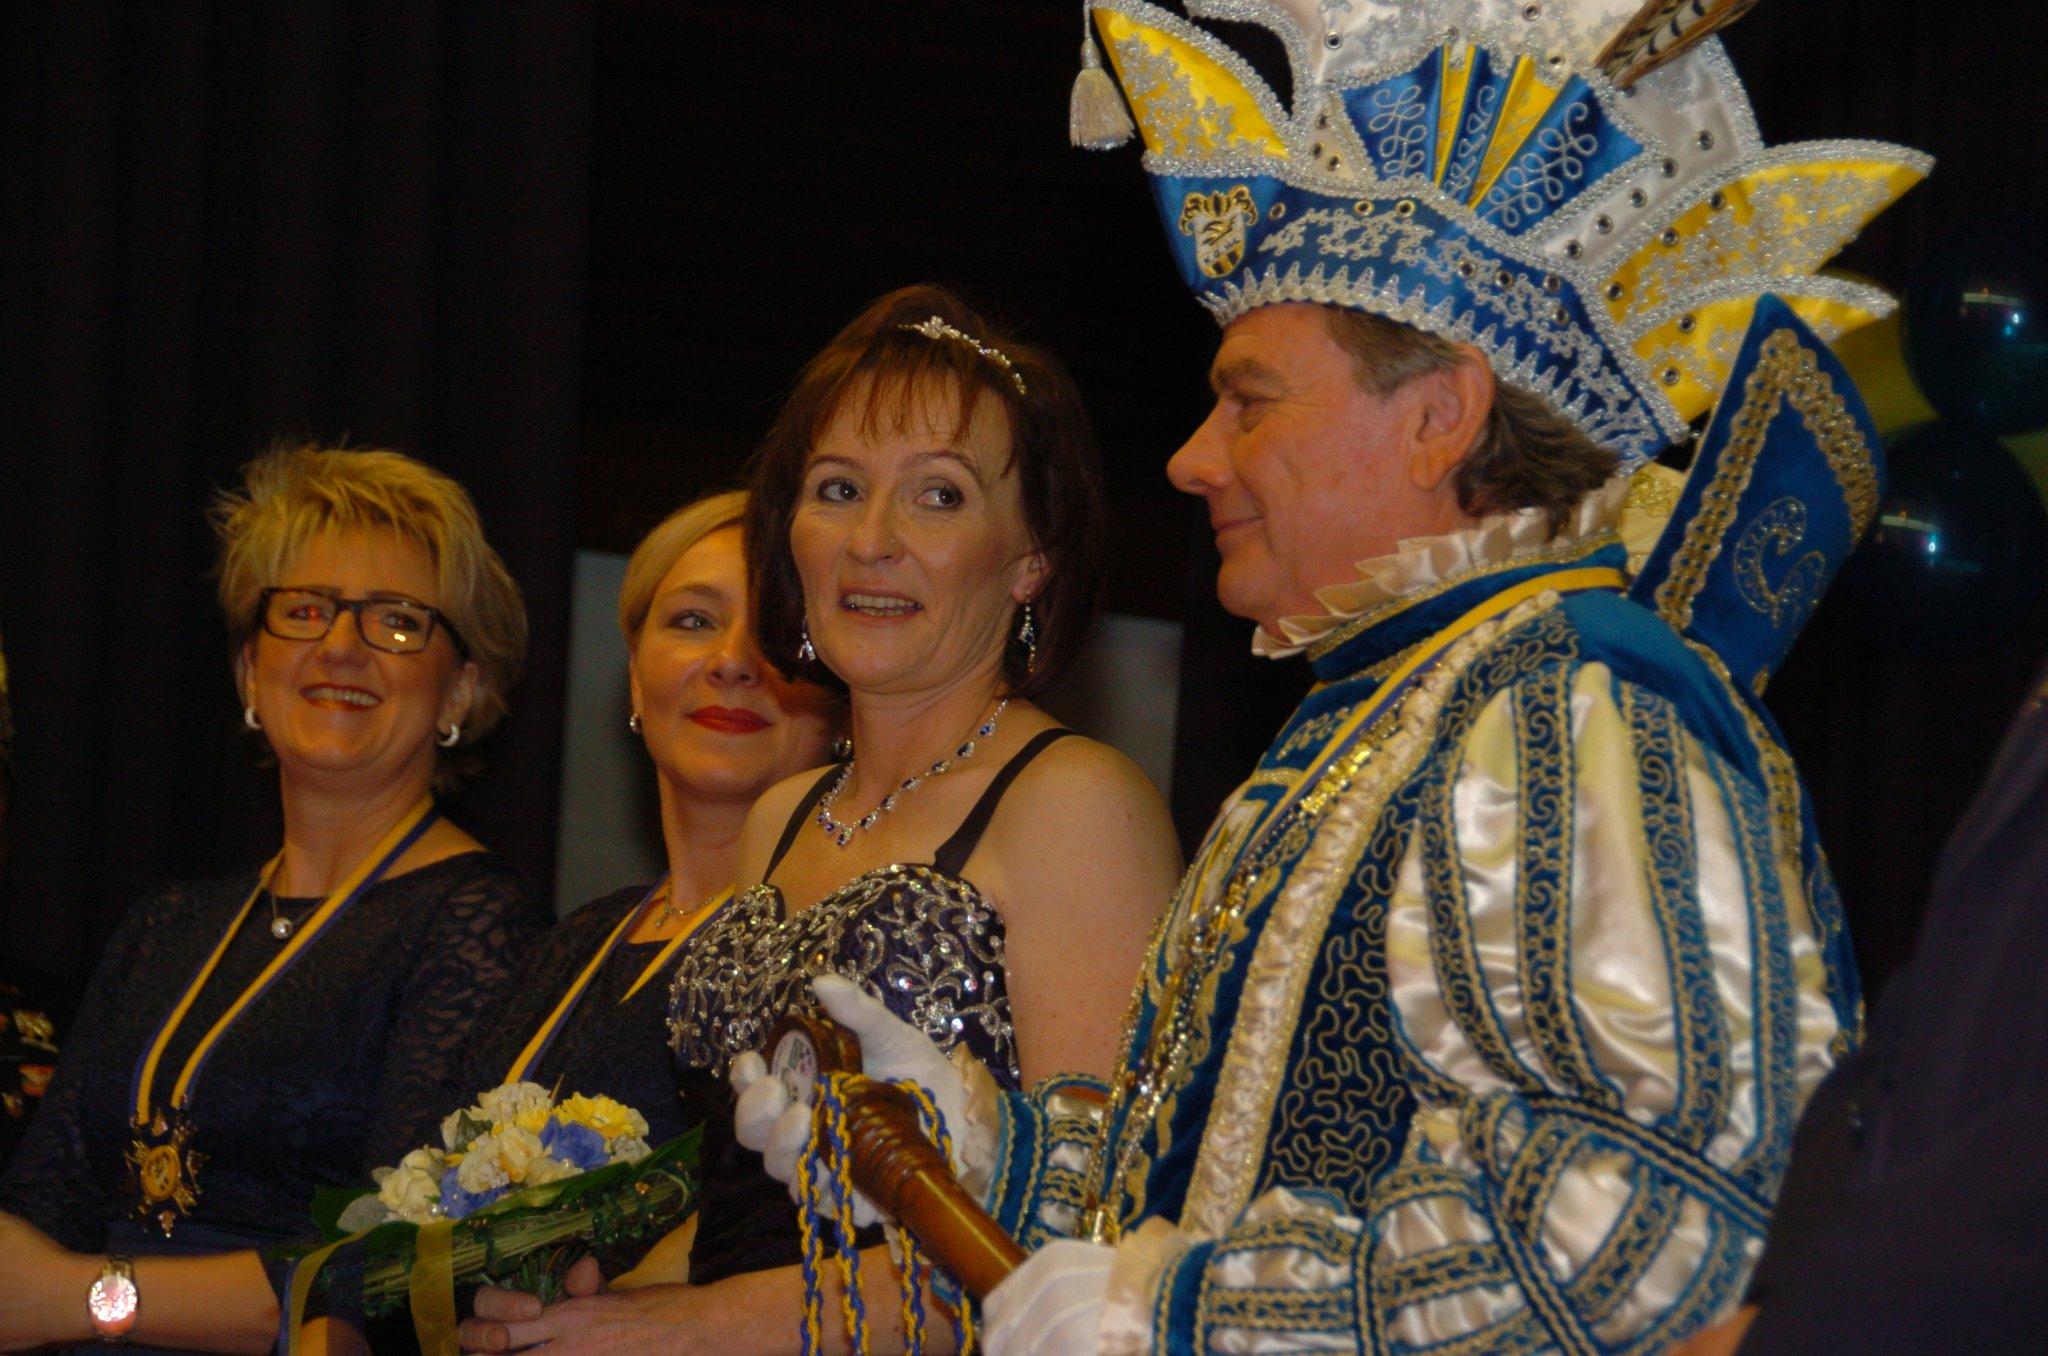 Hertener Karnevalisten starten in die fünfte Jahreszeit - Lokalkompass.de